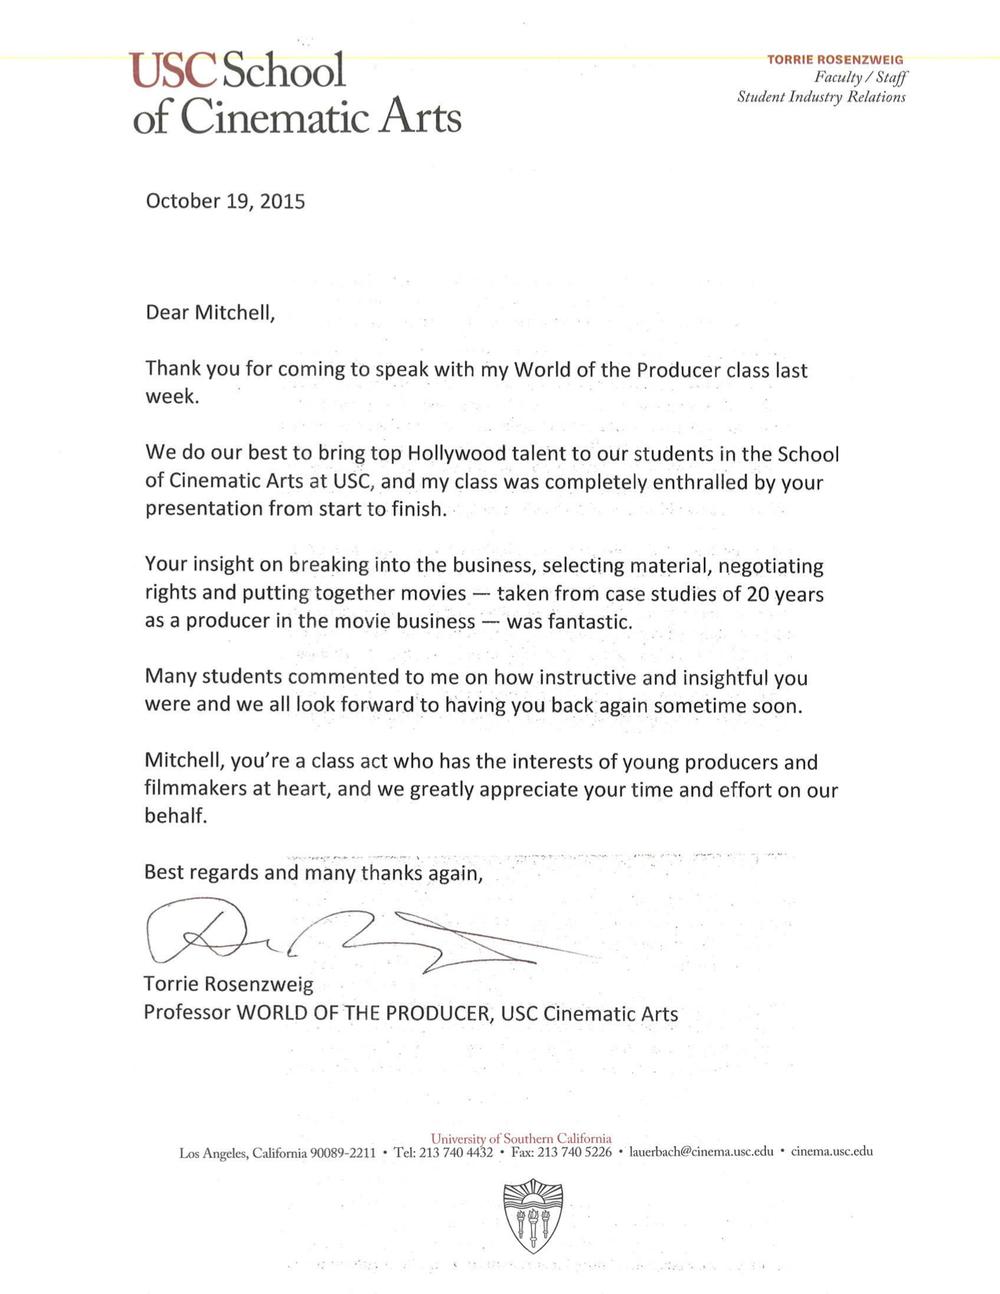 USC letter.jpg